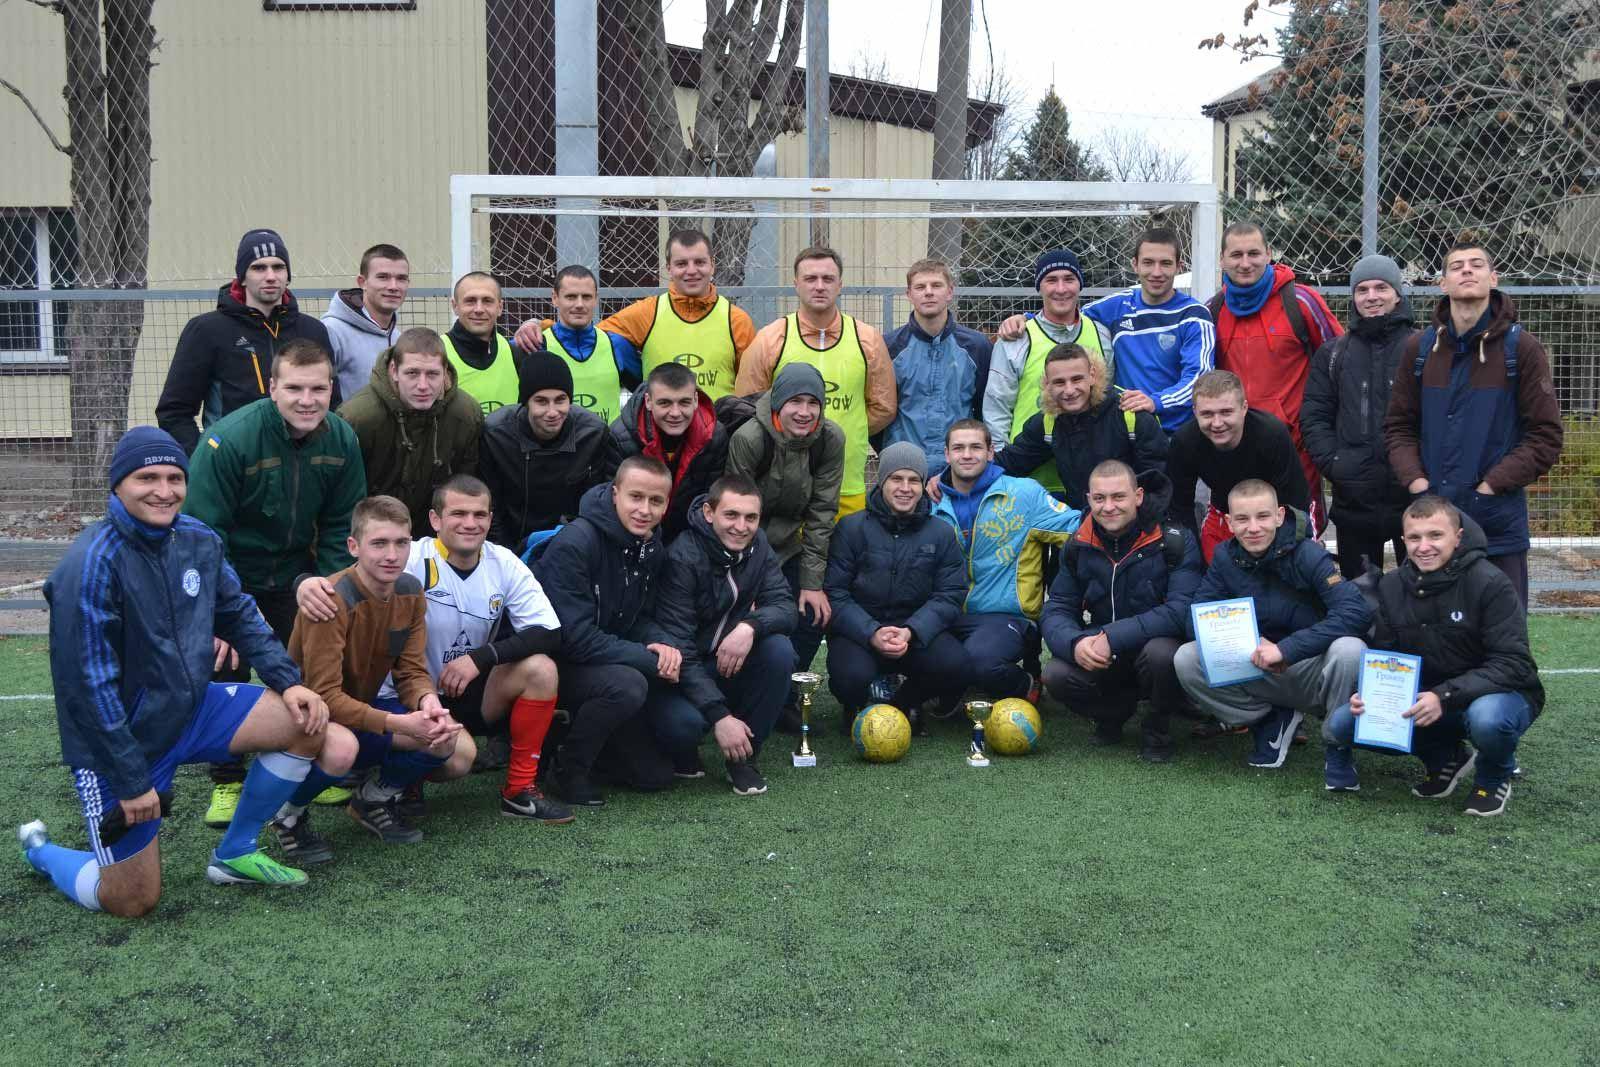 На факультеті підготовки фахівців для підрозділів кримінальної поліції визначили кращу збірну команду з футболу